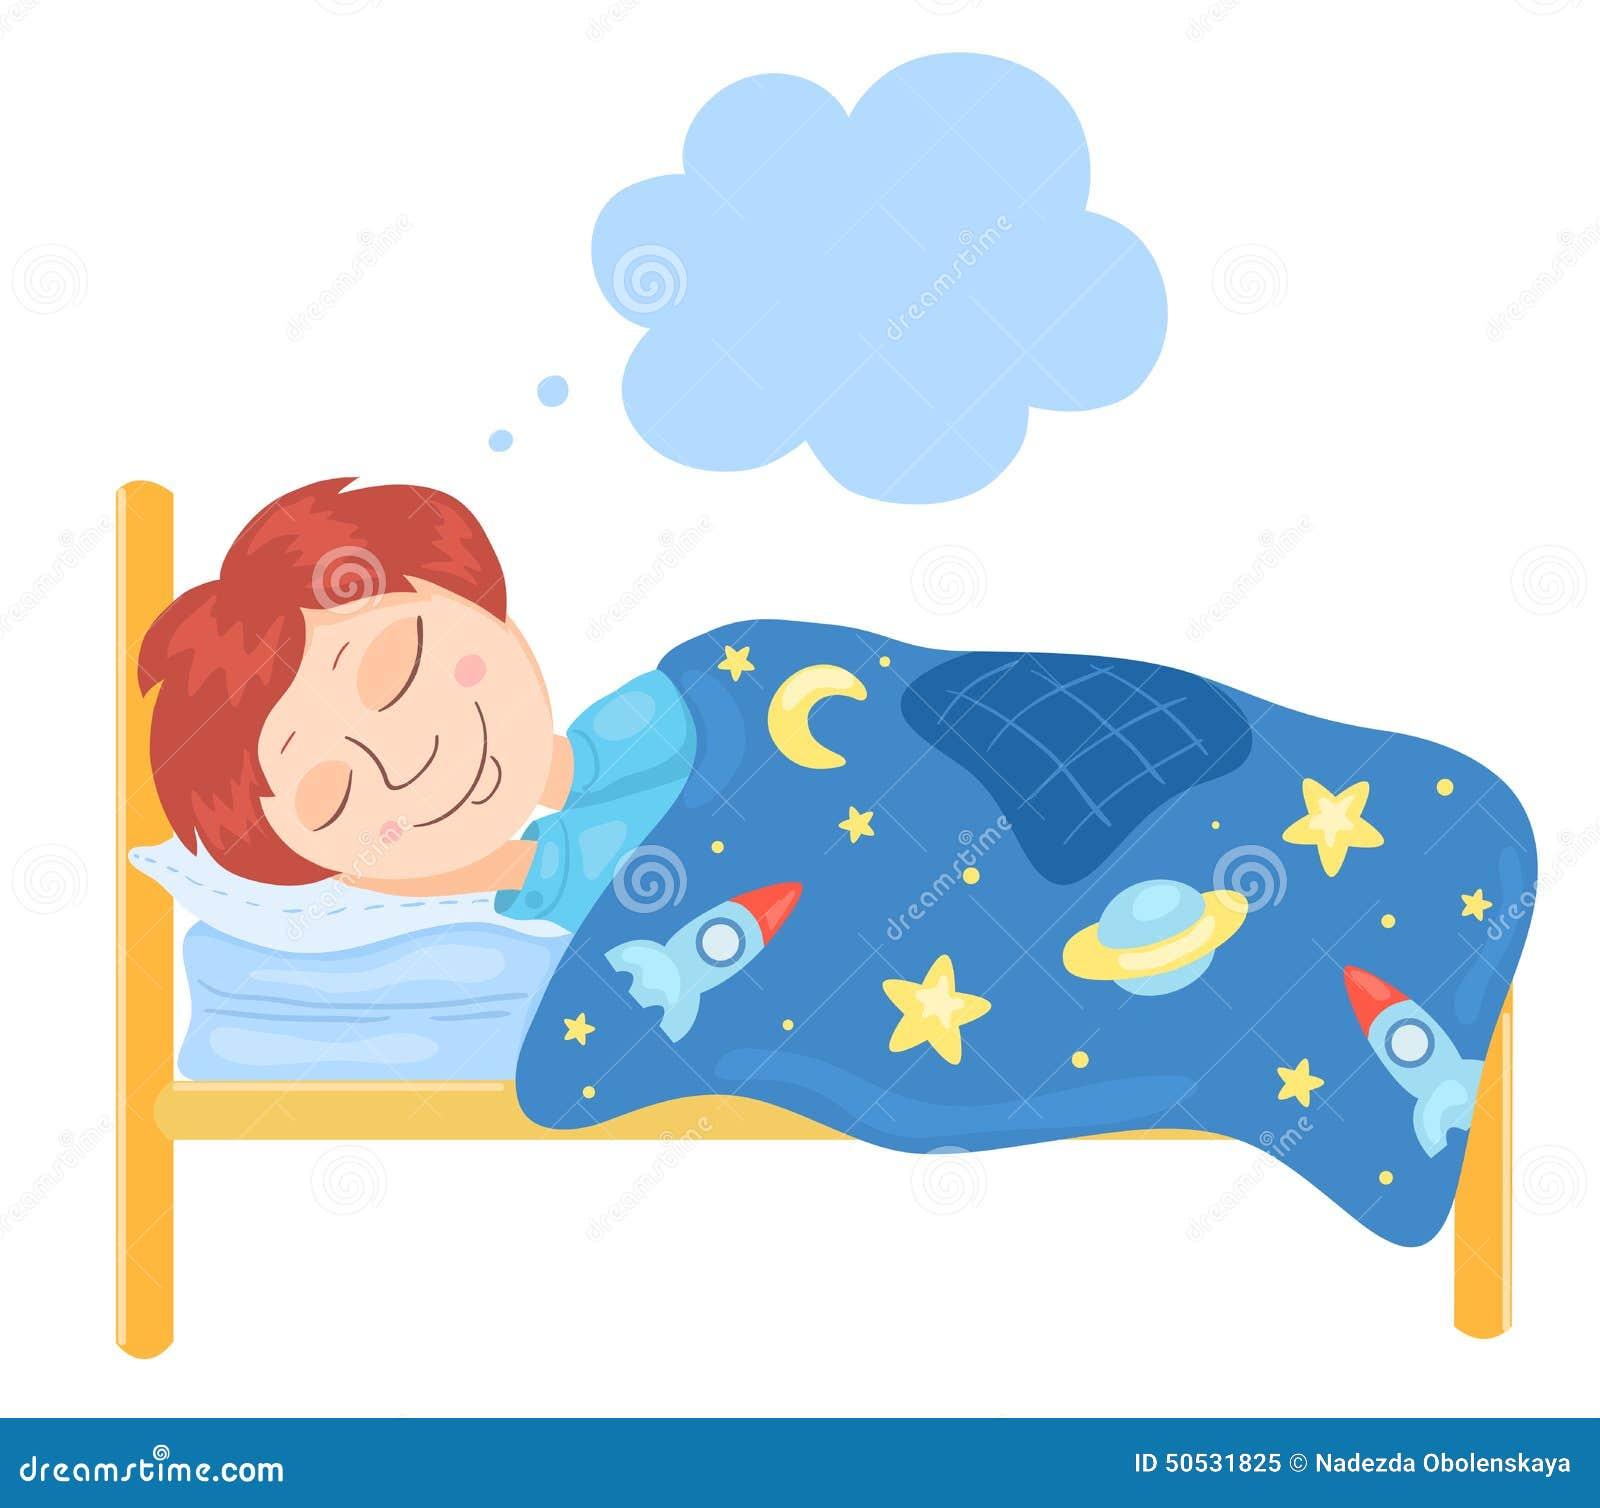 男孩在床上睡觉 儿童传染媒介例证.图片